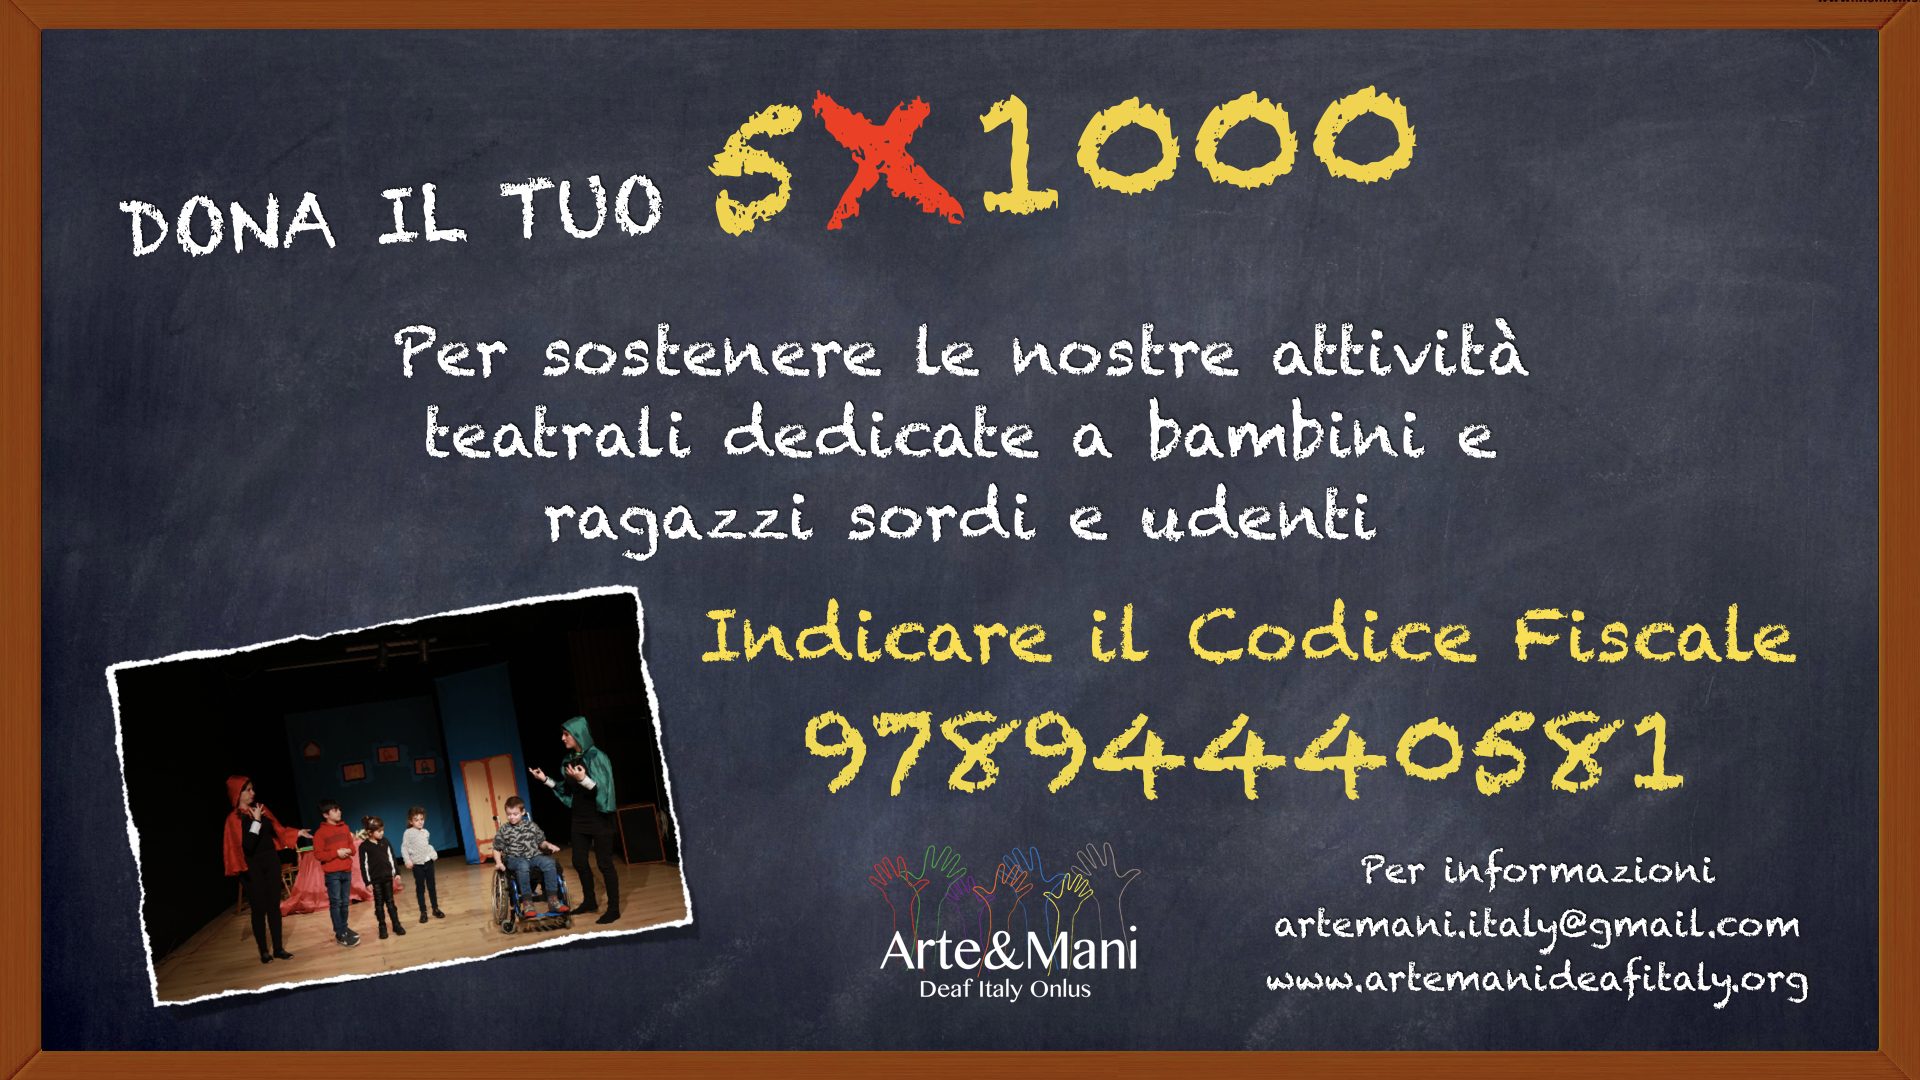 Il tuo 5x1000 alla nostra Onlus sosterrà i nostri progetti! Associazione Arte&Mani - Deaf Italy Onlus C.F. 97894440581